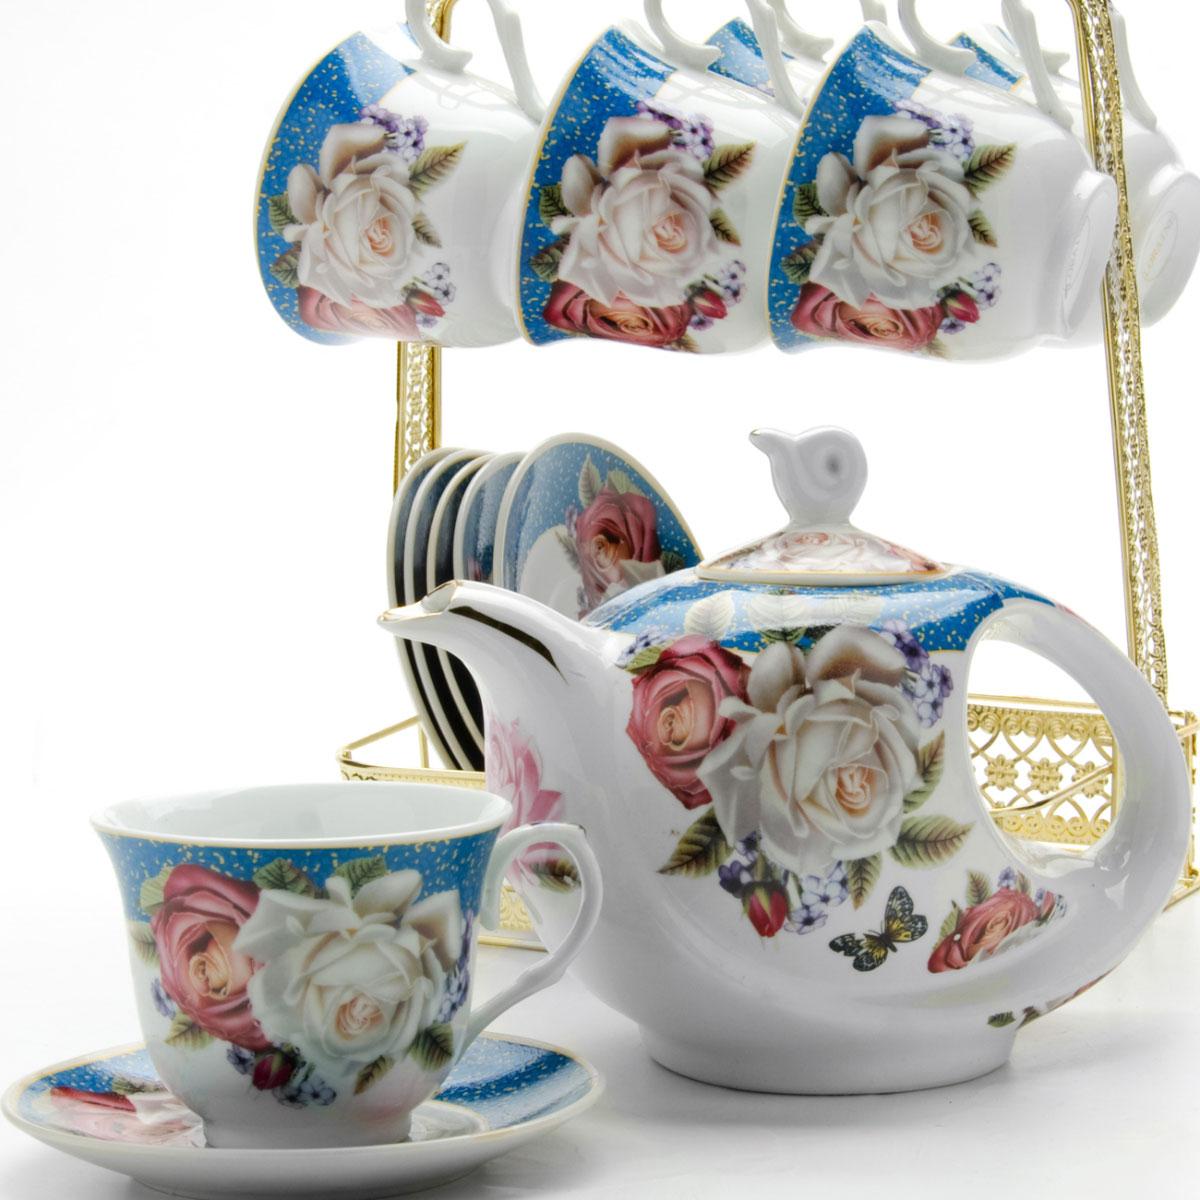 Набор чайный Loraine, на подставке, 15 предметов. 24786115510Чайный набор Loraine состоит из шести чашек, шести блюдец и заварочного чайника. Предметы набора изготовлены из керамики и оформлены изображением цветов и бабочек. Все предметы располагаются на удобной металлической подставке с ручкой. Элегантный дизайн набора придется по вкусу и ценителям классики, и тем, кто предпочитает утонченность и изысканность. Он настроит на позитивный лад и подарит хорошее настроение с самого утра. Чайный набор идеально подойдет для сервировки стола и станет отличным подарком к любому празднику.Объем чашки: 220 мл.Объем чайника: 950 мл.Диаметр блюдца: 13,5 см.